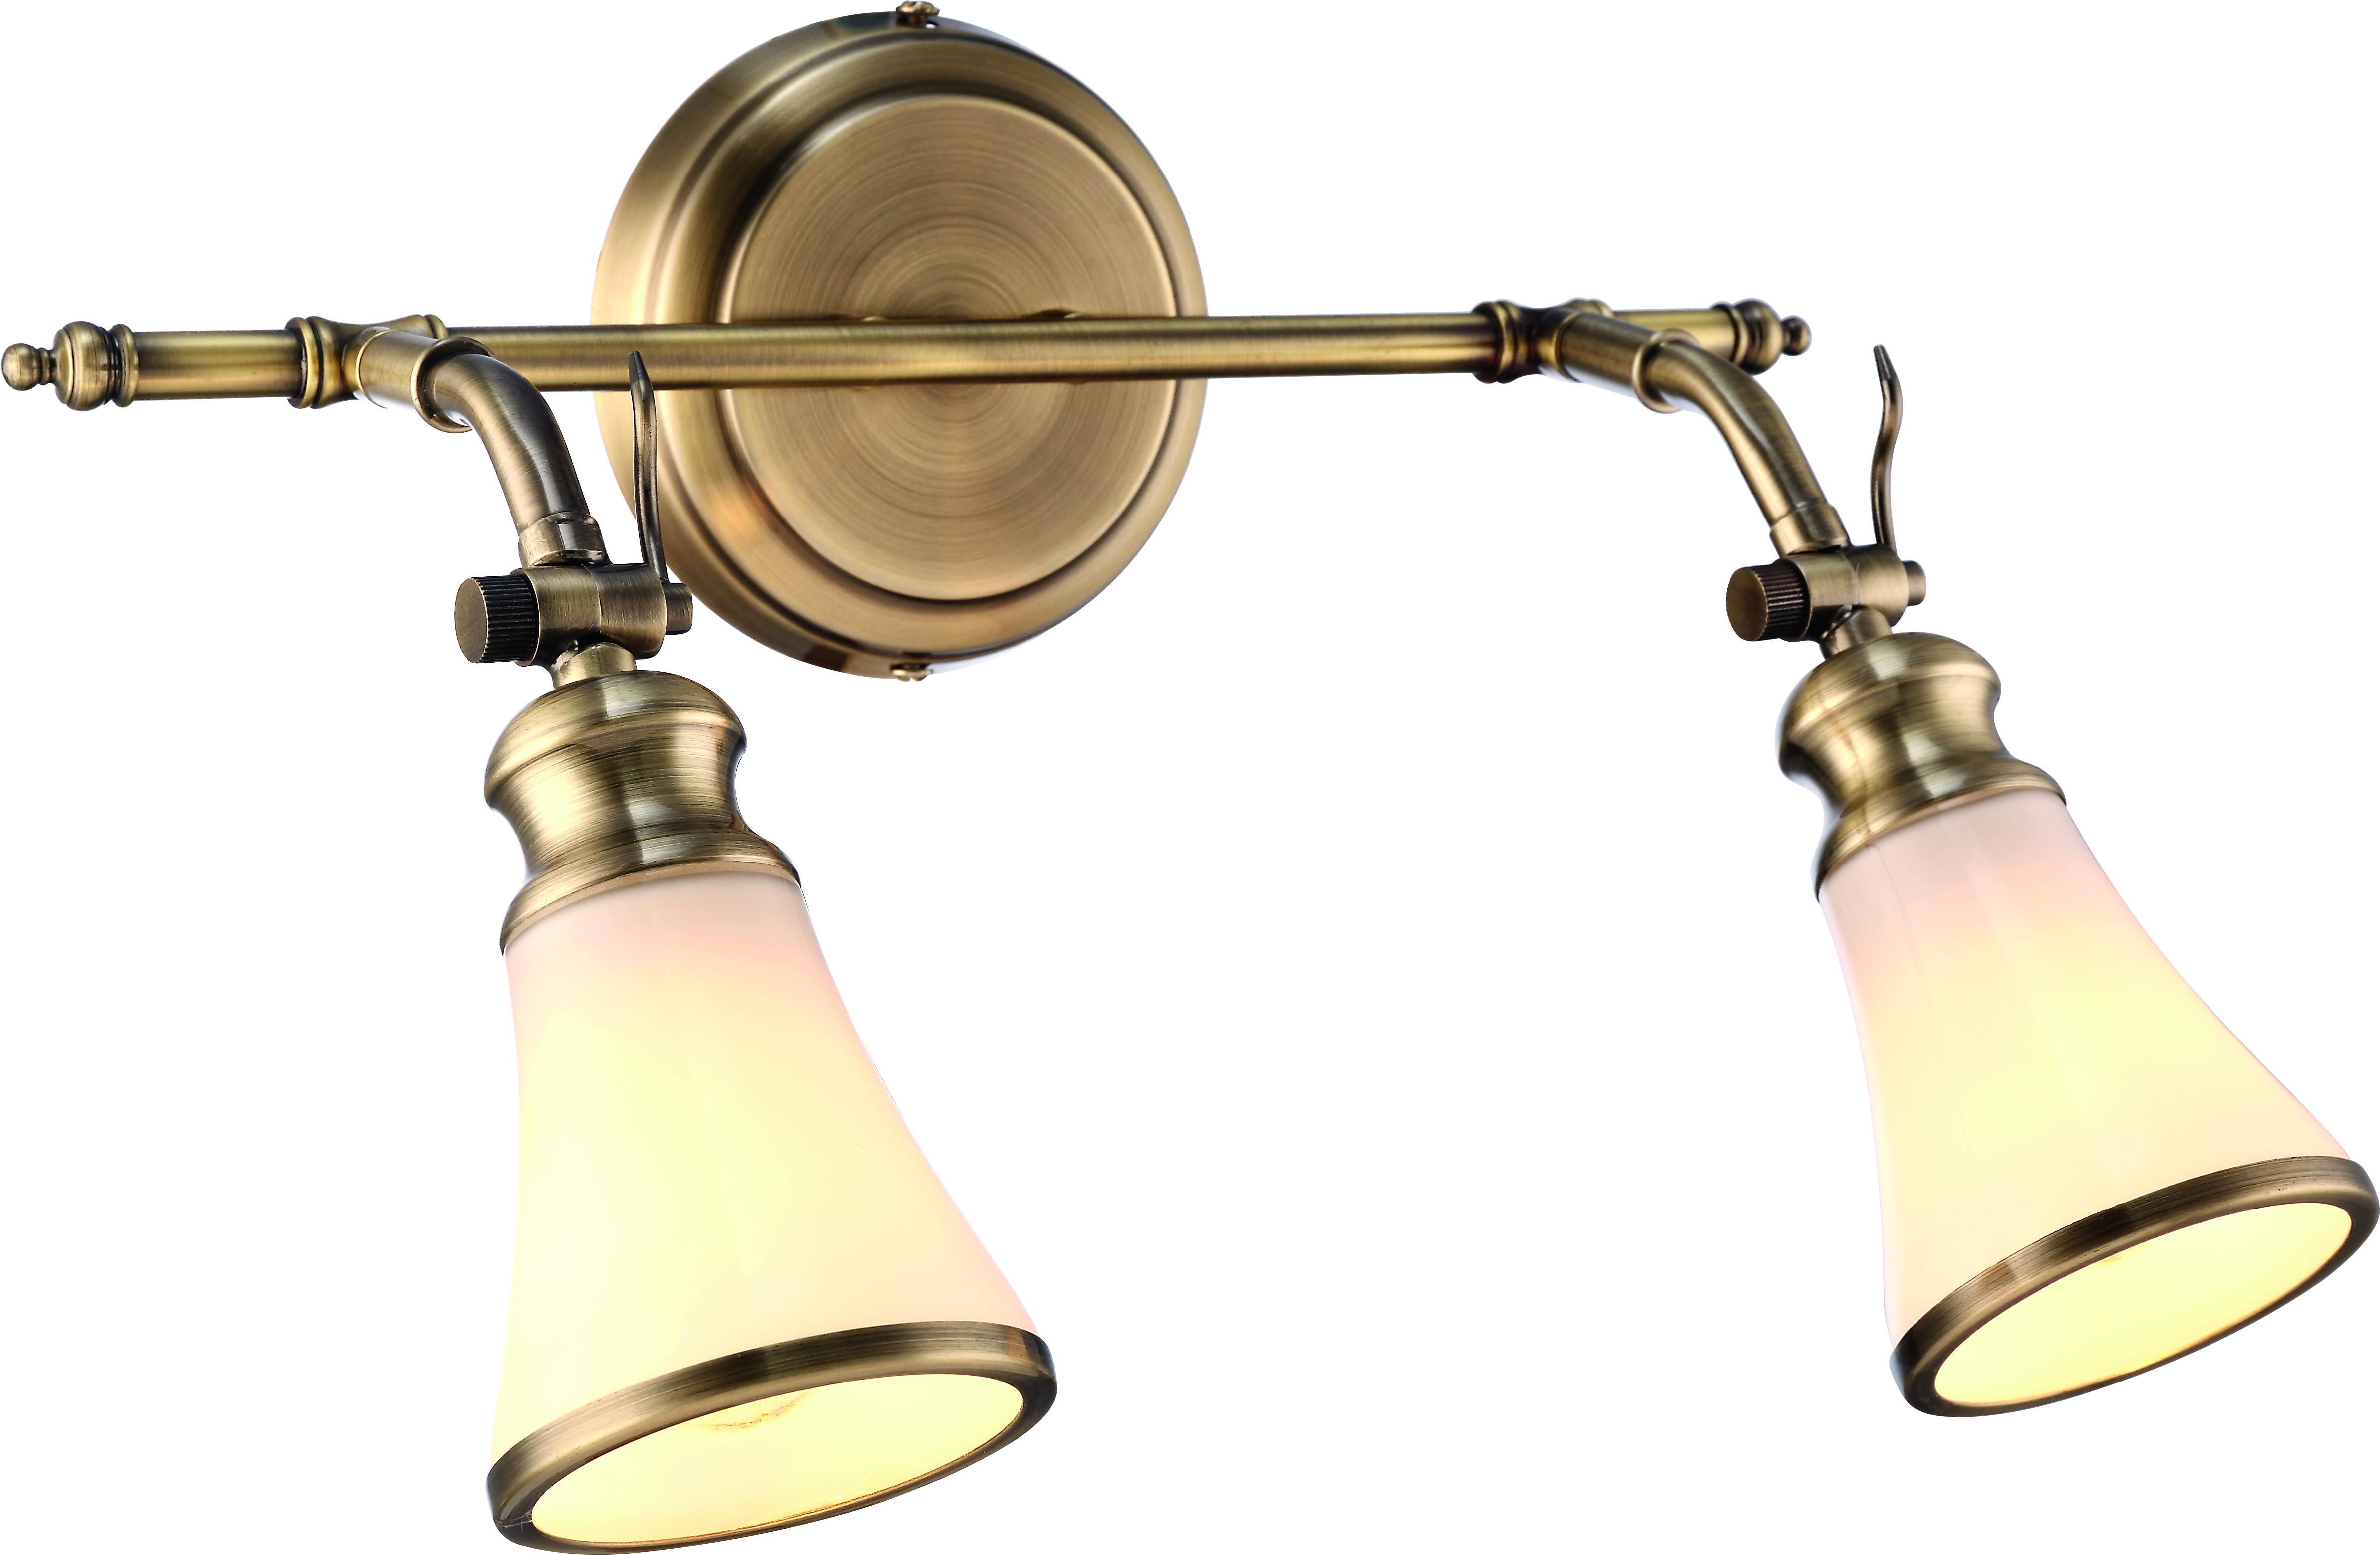 Спот Arte lamp A9231ap-2ab спот 81 a9231ap 2ab arte lamp 1189608